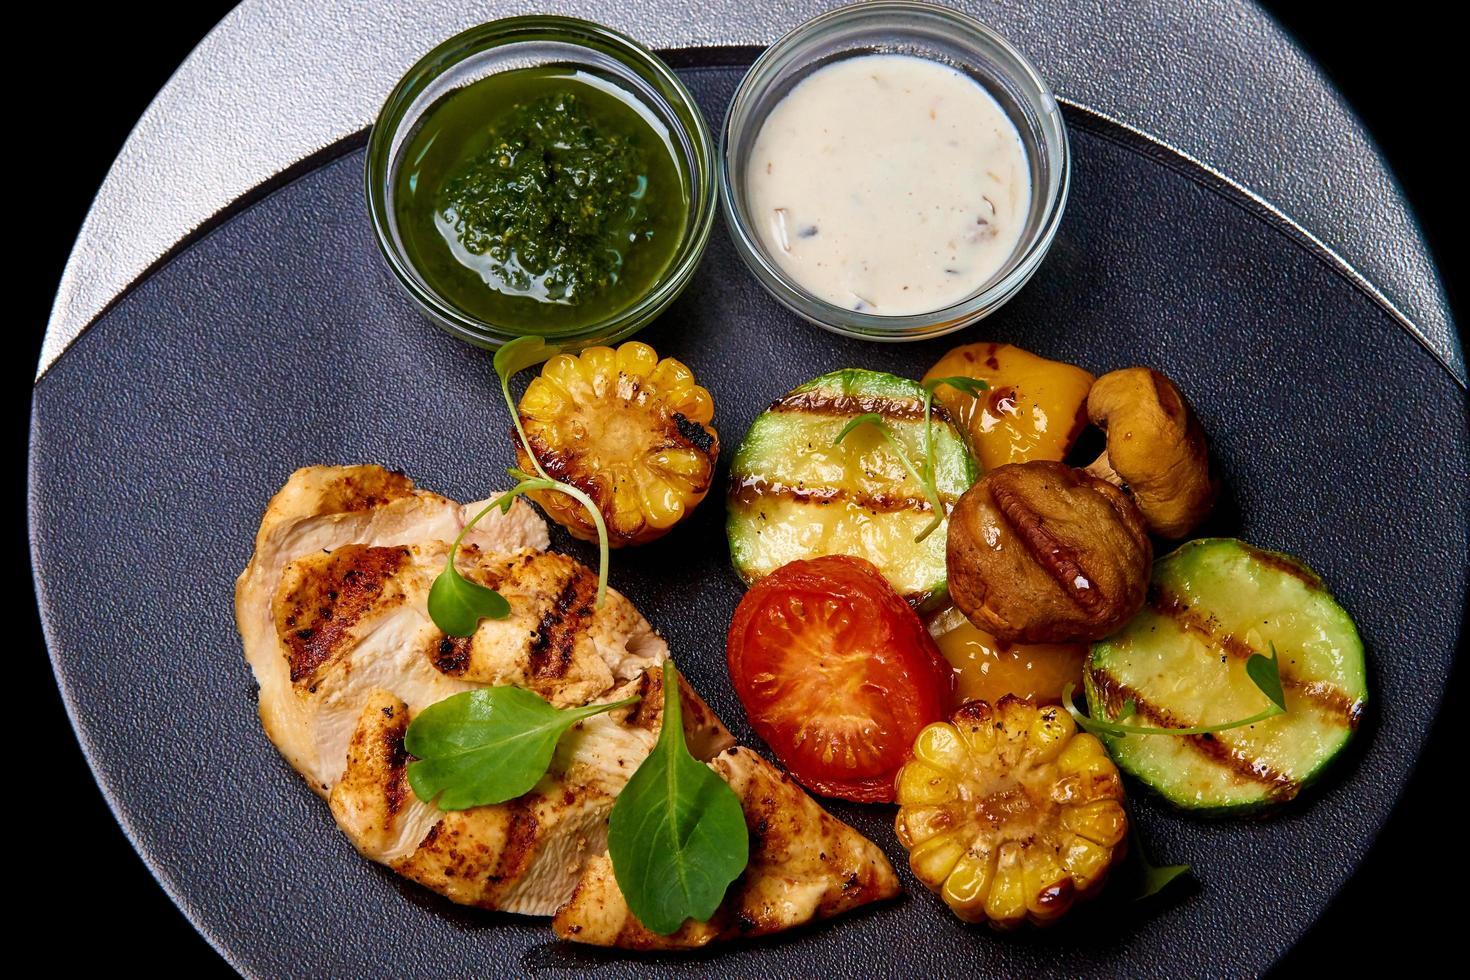 viande grillée aux légumes photo